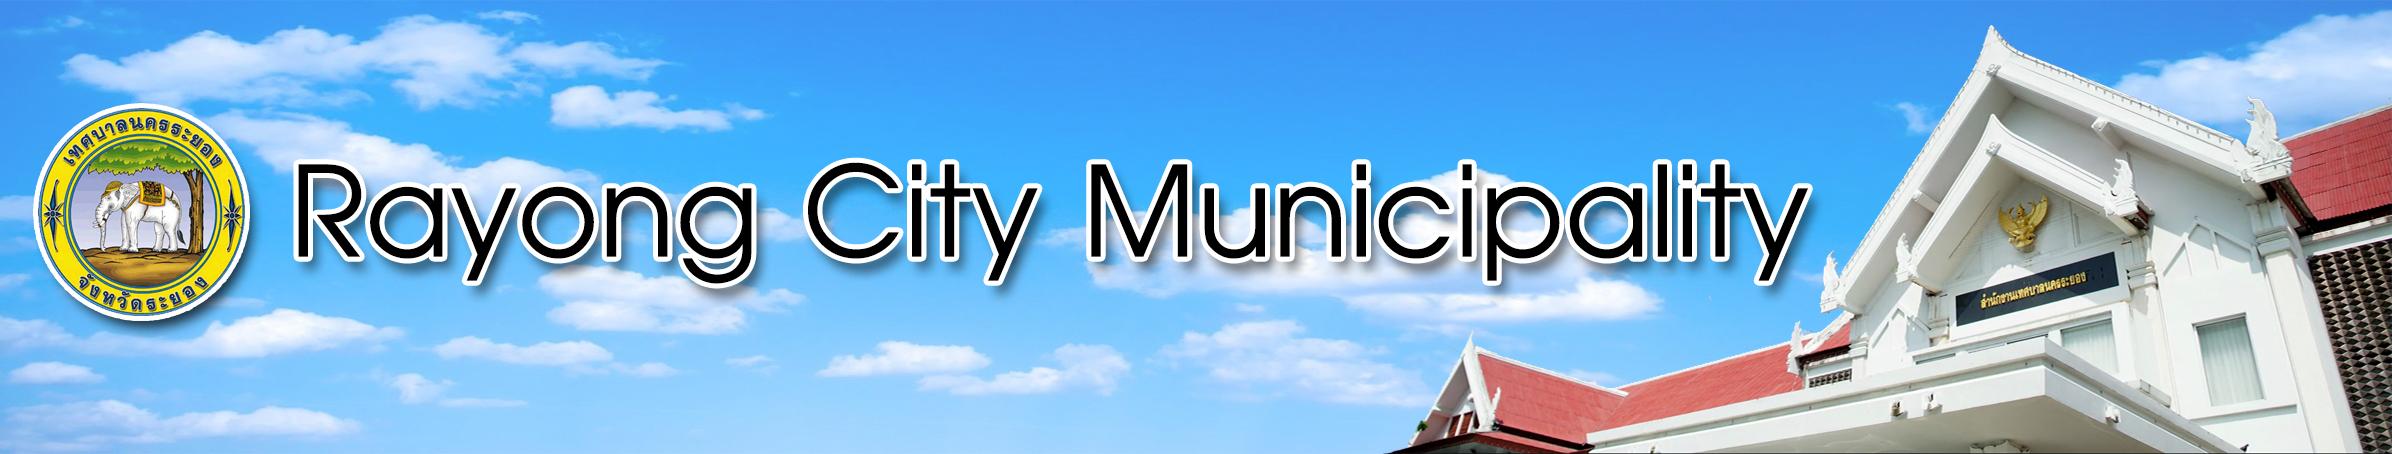 Rayong City Municipality